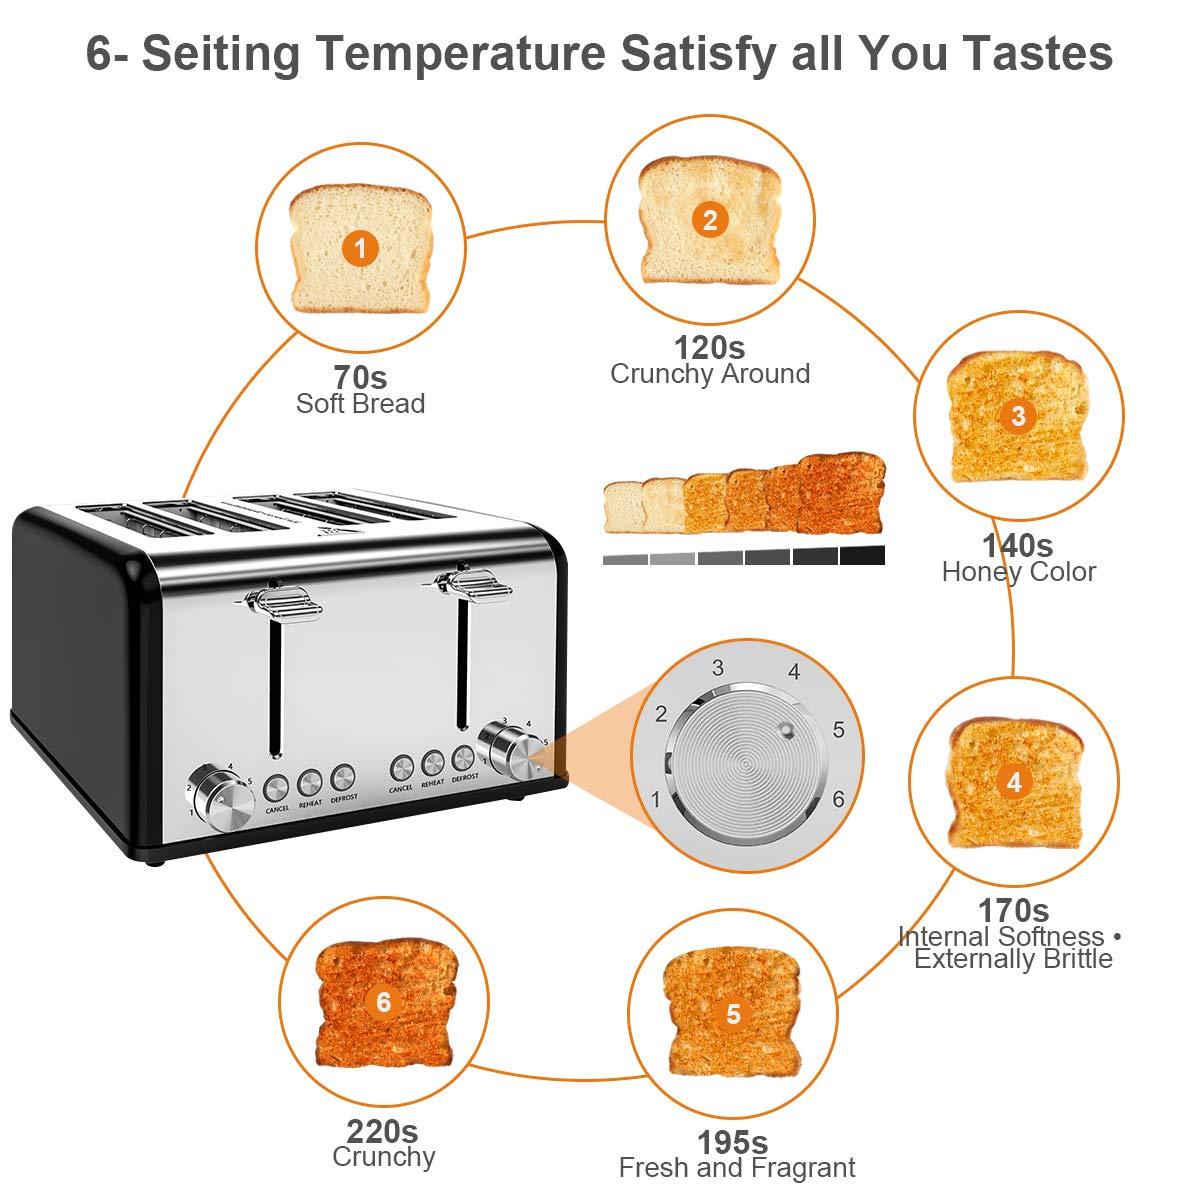 Morpilot Grille Pain Noir Toaster, Grille-pain 4 fentes, 6 Niveaux de Brunissage Réglable, 1600w Grille Pain Inox Extra Large avec Décongeler Réchauffer et Annuler +Tiroirs de ramasse-Miettes Amovible